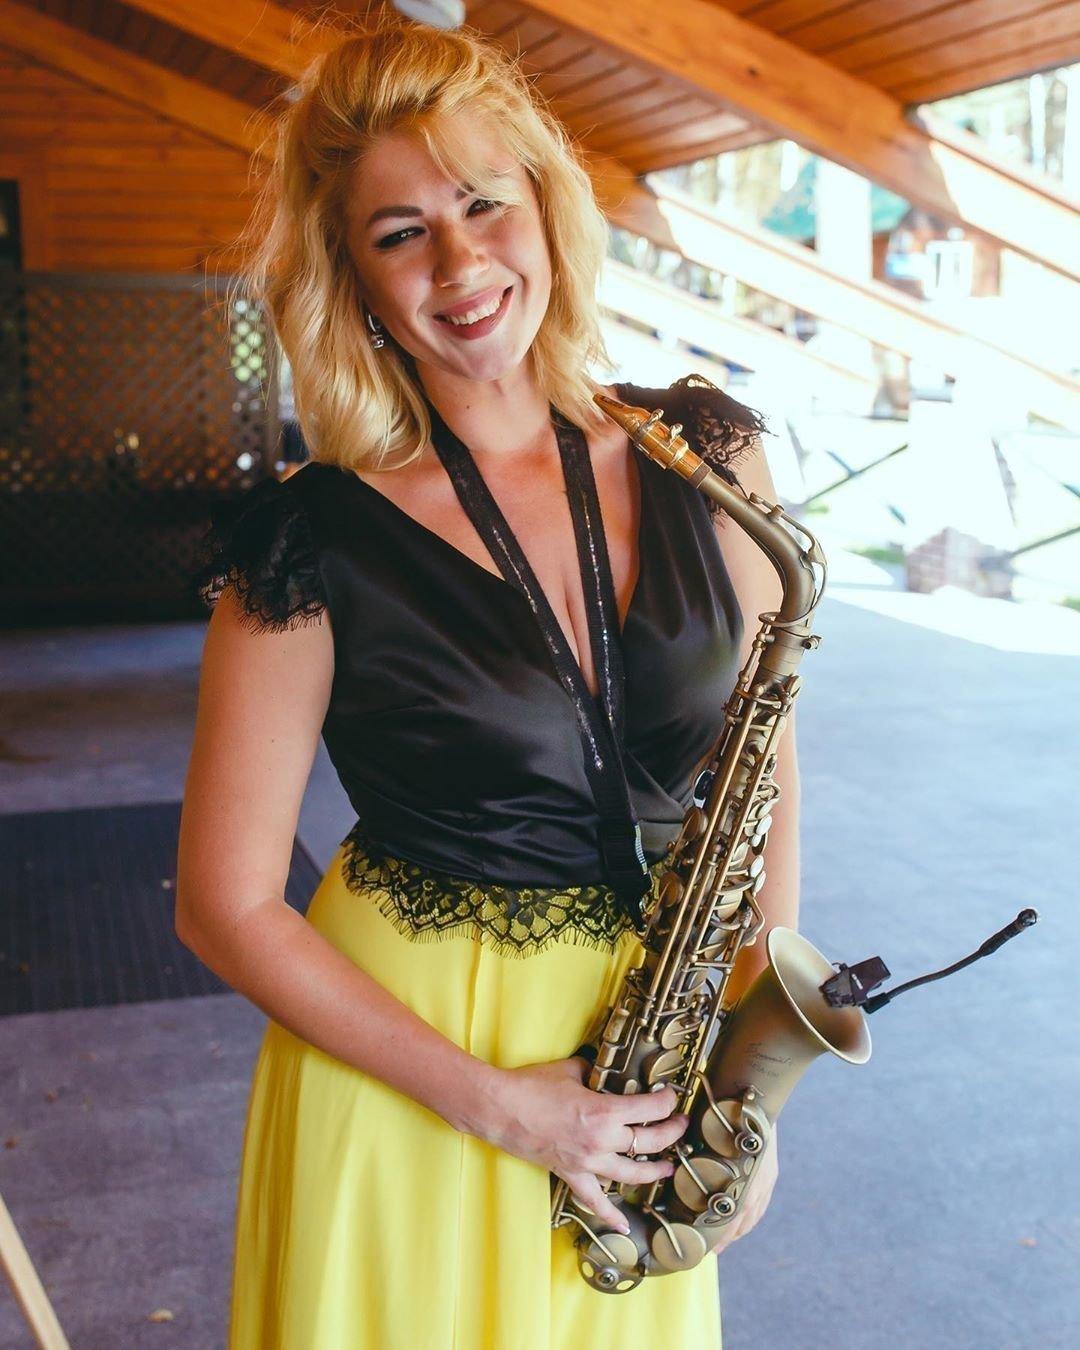 Анастасия Высоцкая с саксофоном